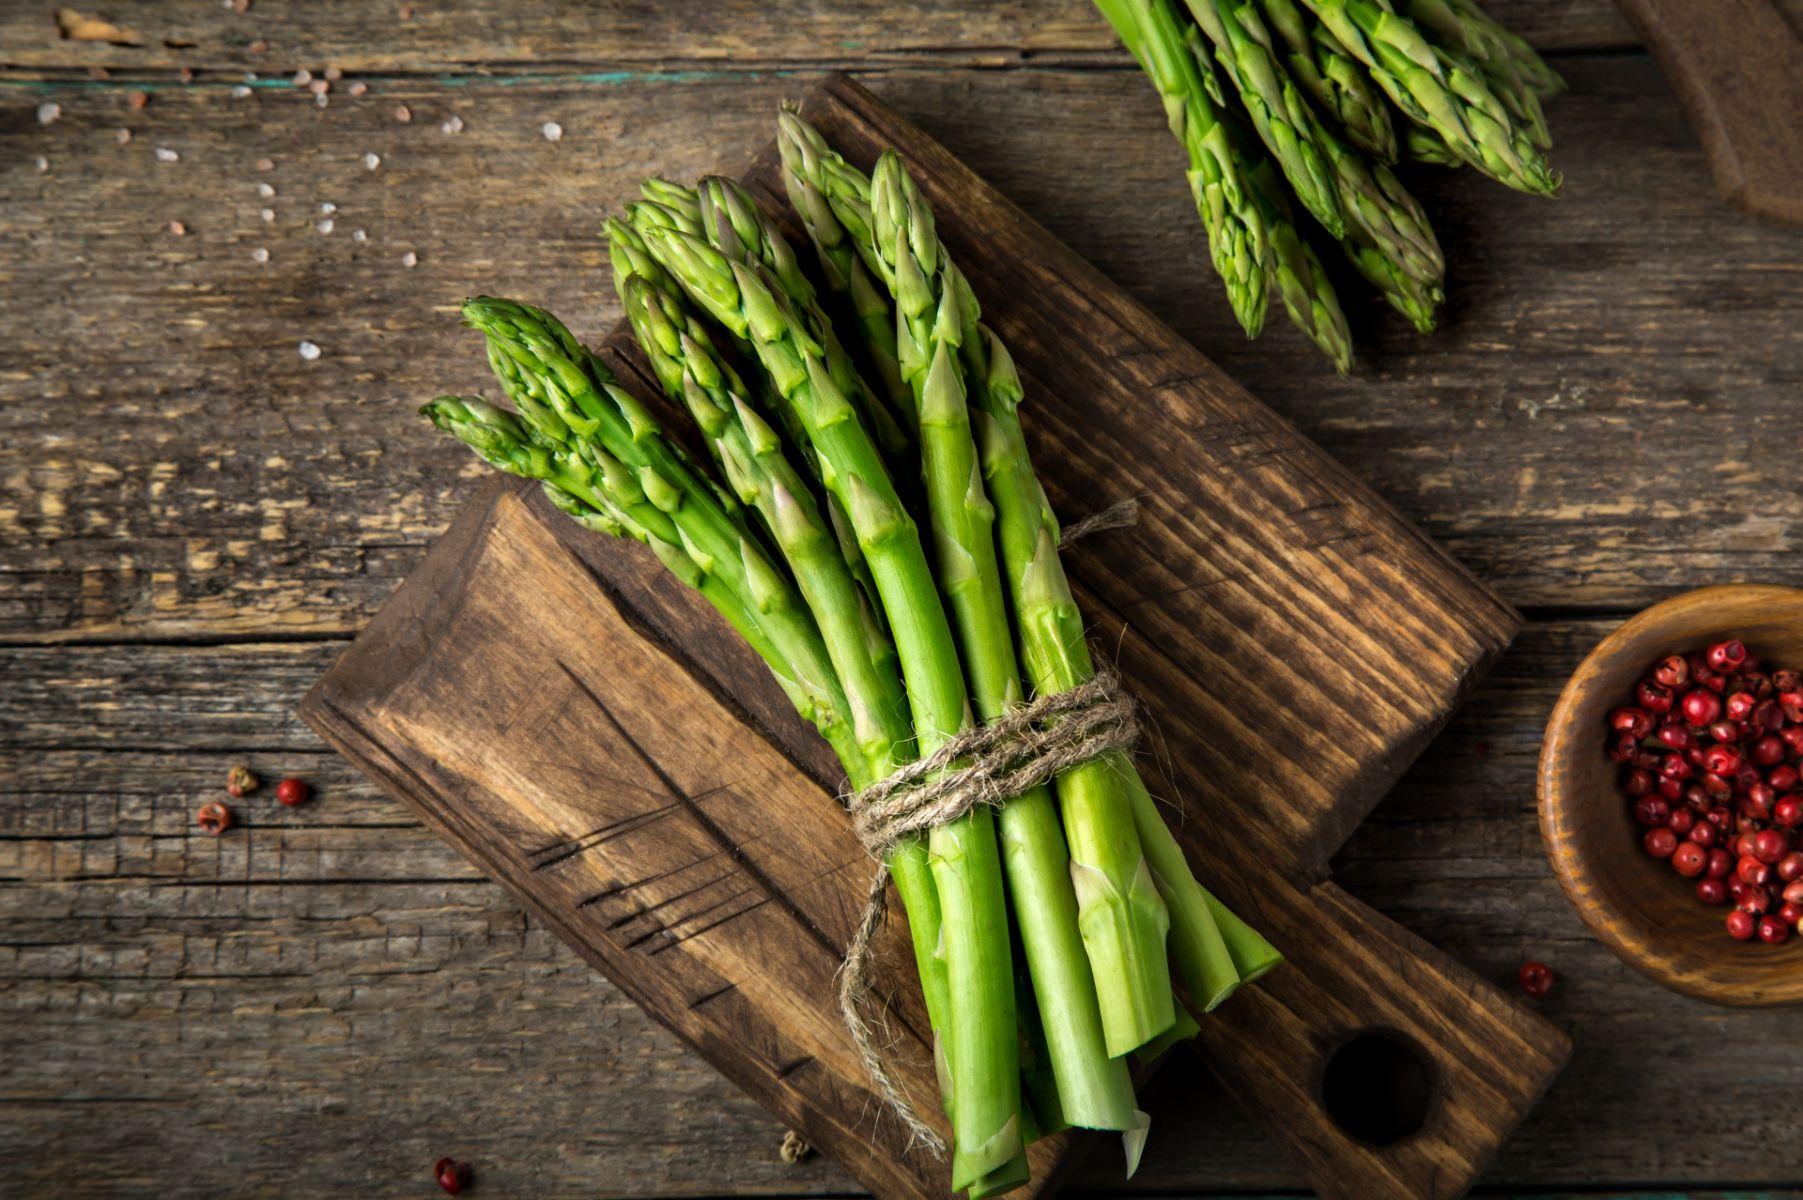 吃蘆筍也可以紓壓入睡?認識這幾種讓你「開心」的保健素材吧!